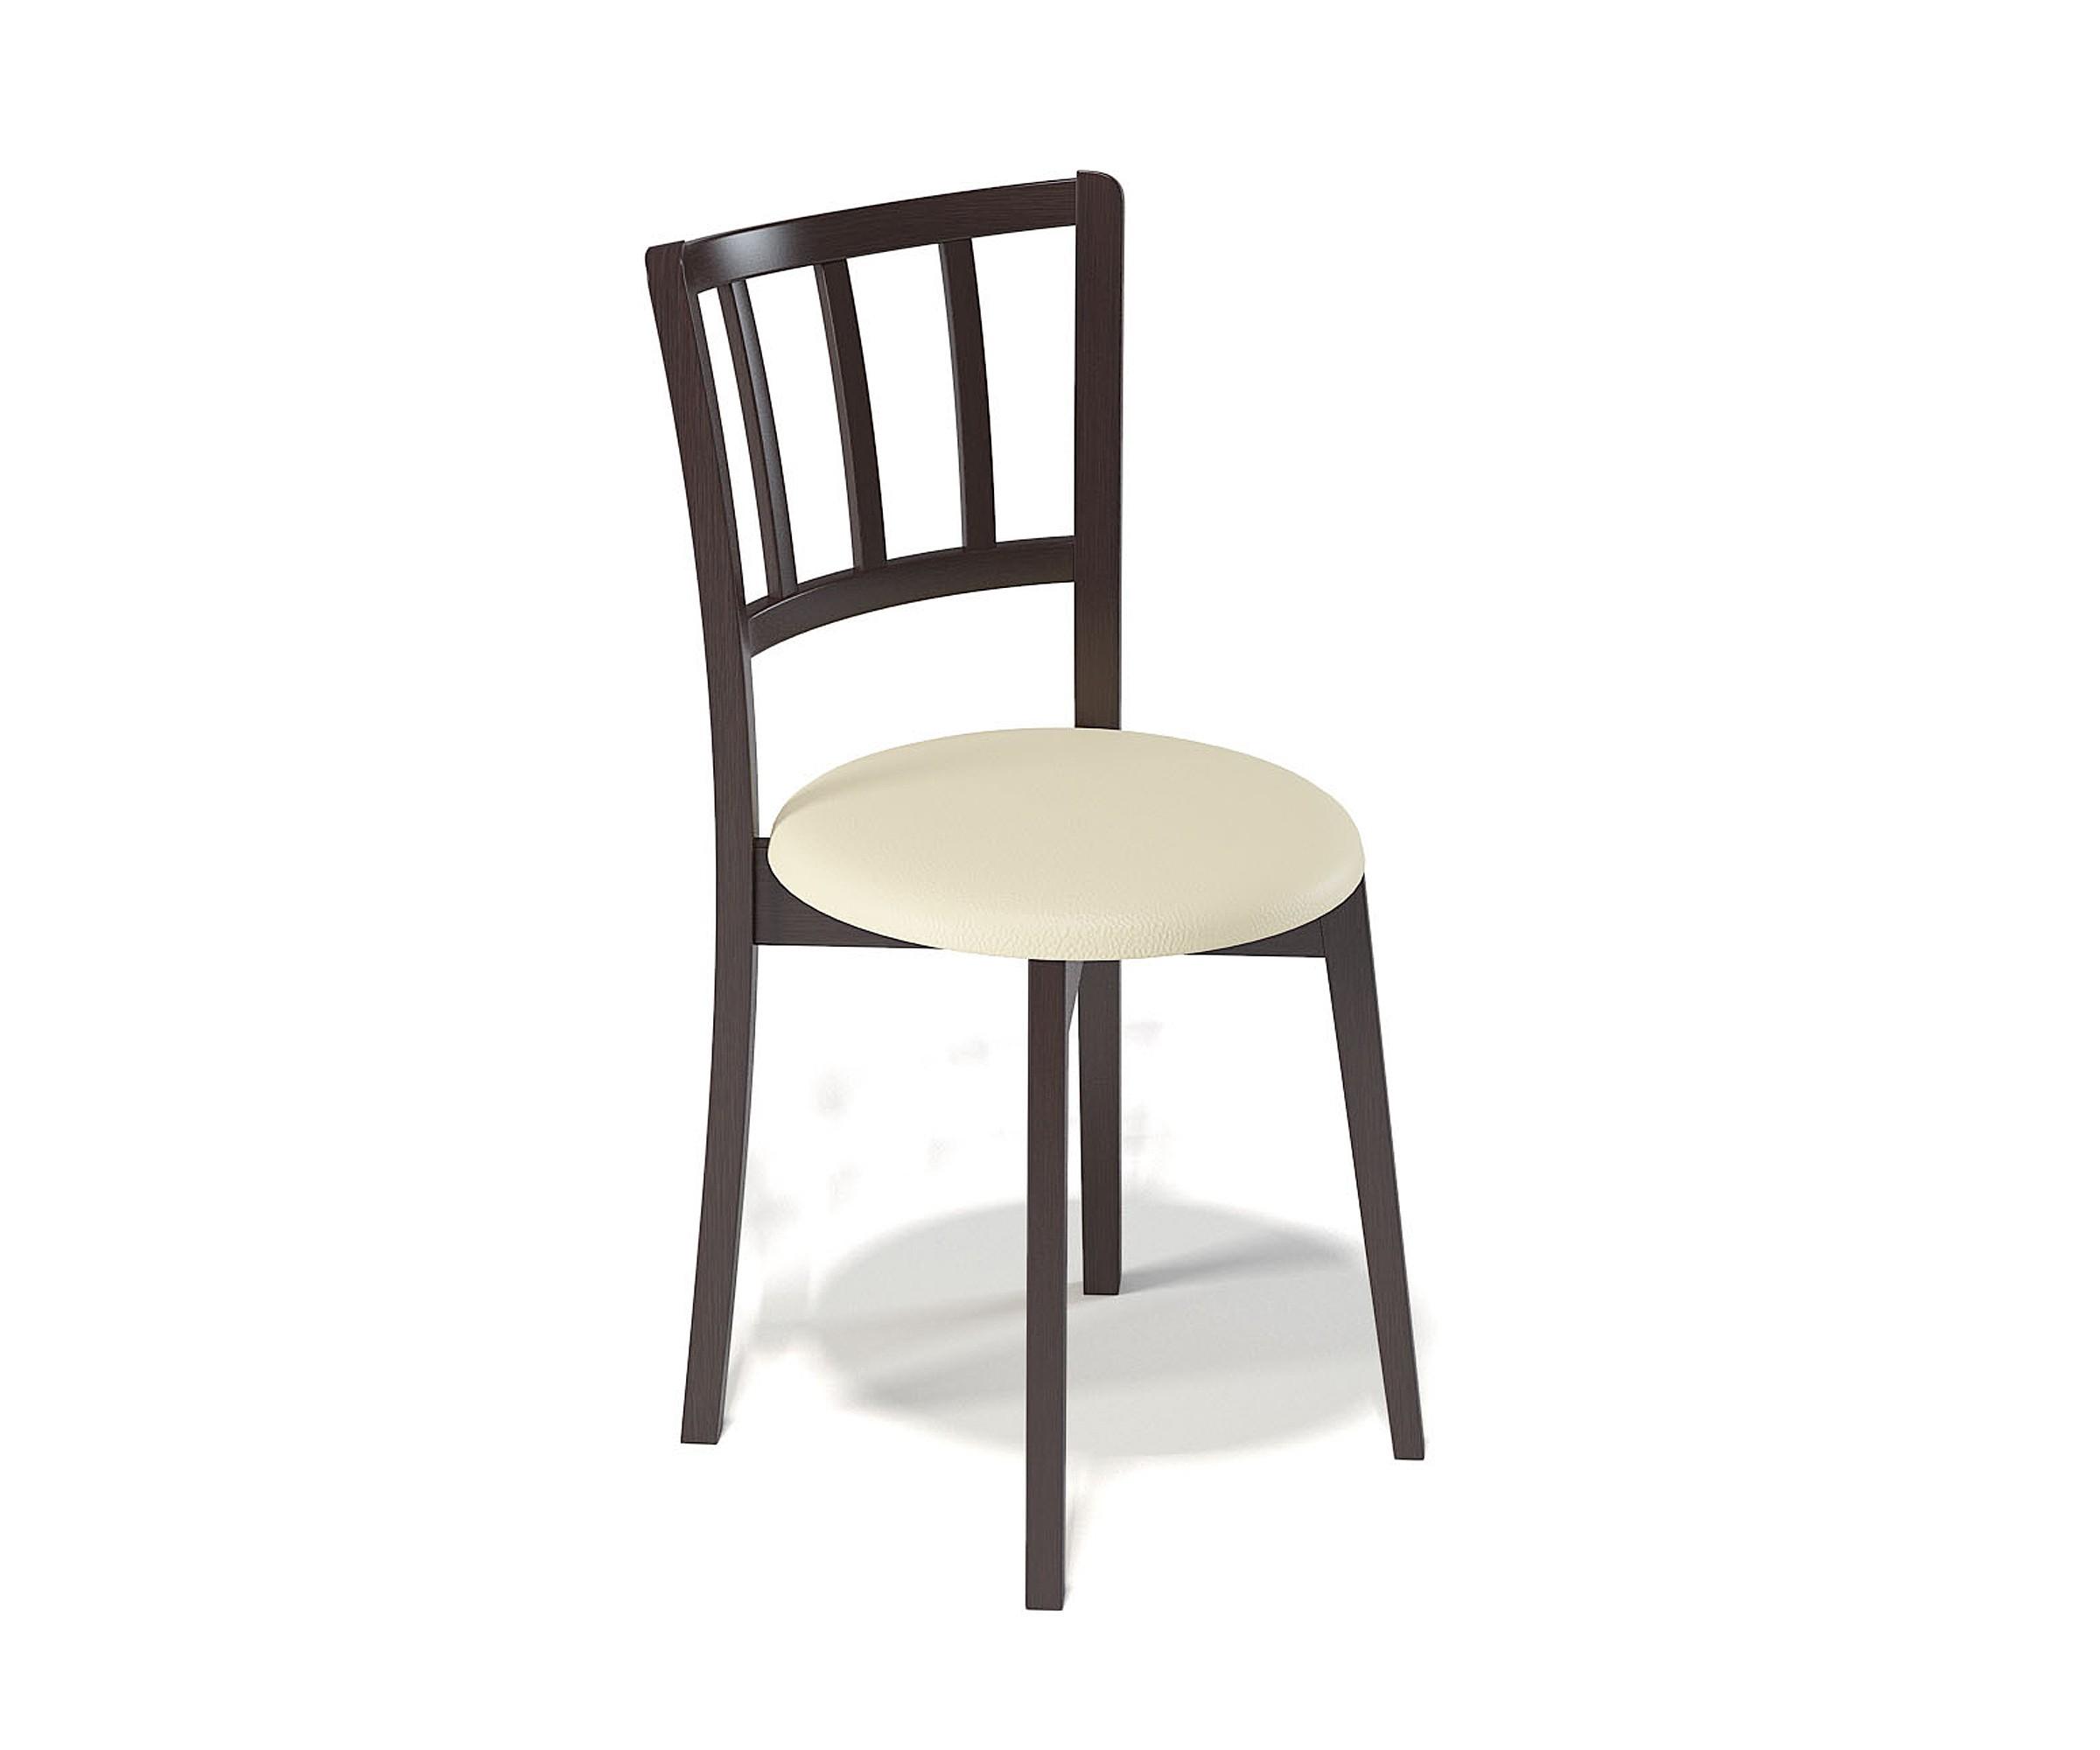 Стул KennerОбеденные стулья<br>Высота от пола до сиденья 46 см.<br><br>Material: Экокожа<br>Ширина см: 40.0<br>Высота см: 84.0<br>Глубина см: 40.0